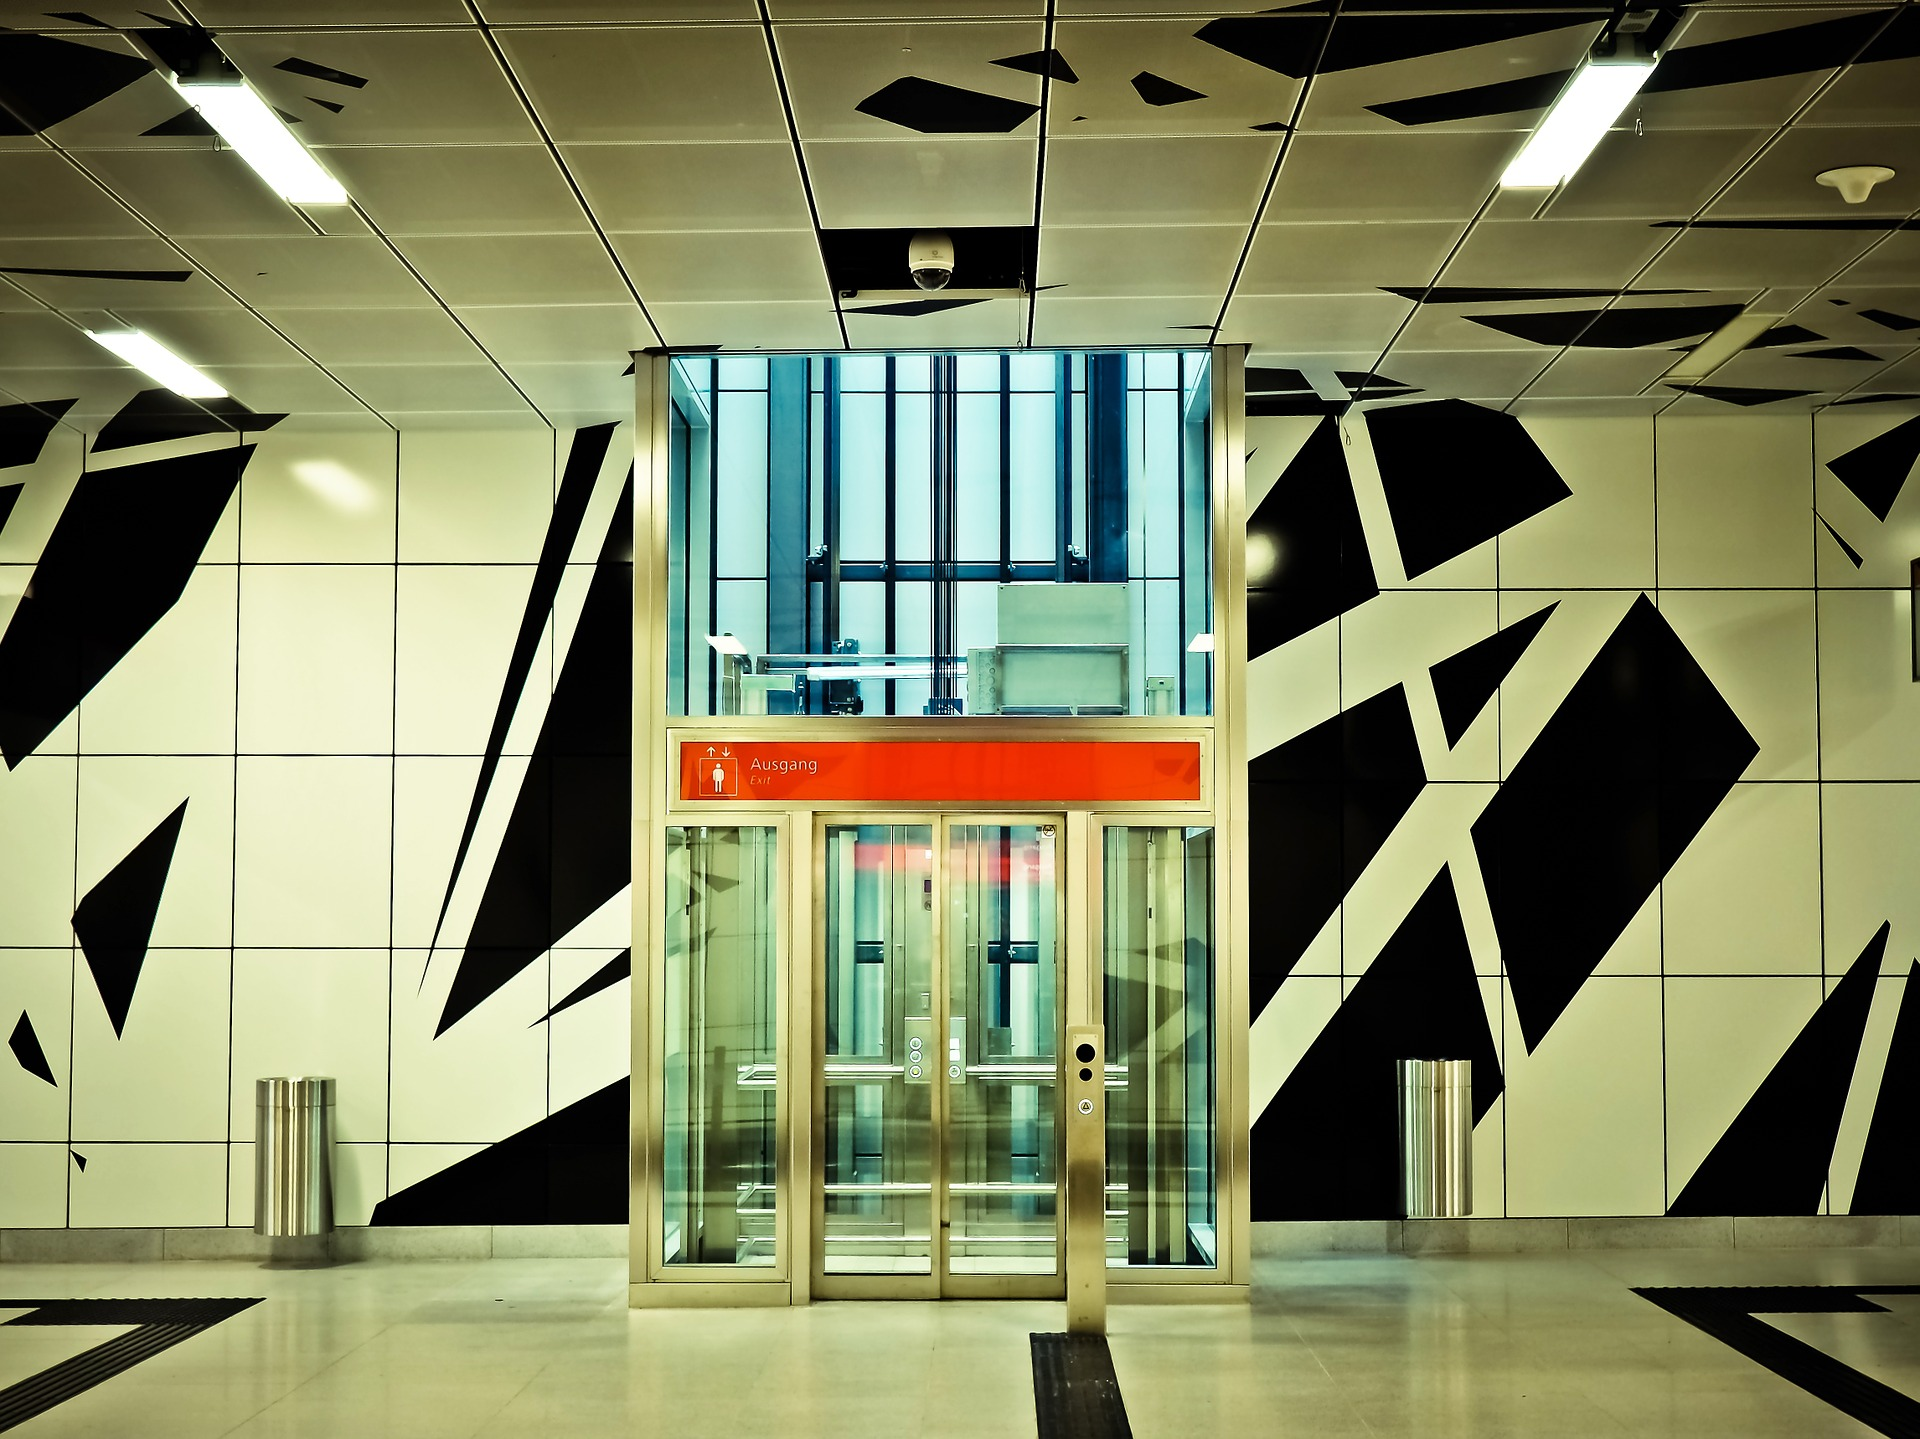 Instalação de elevadores no Rio de Janeiro